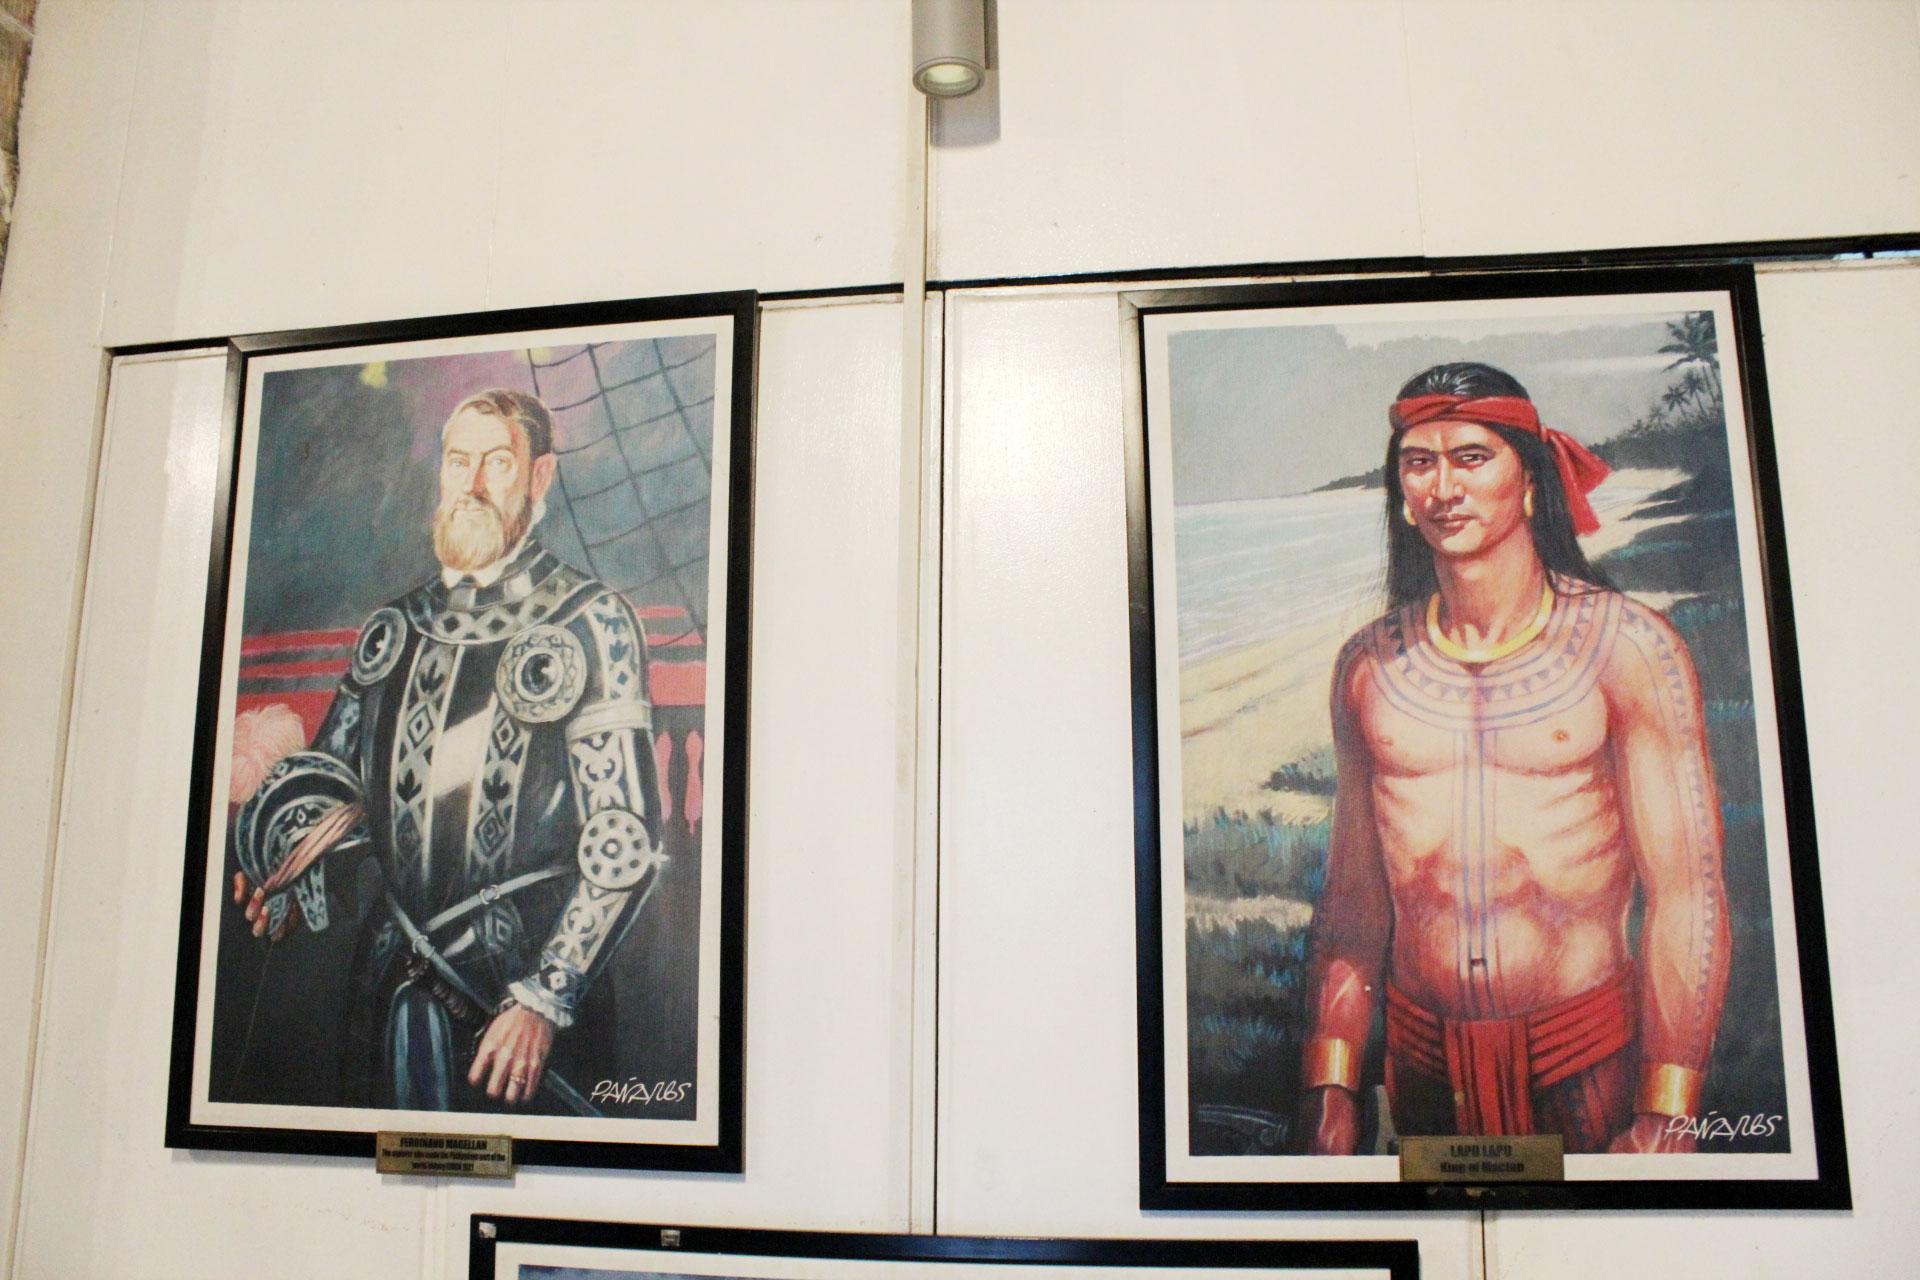 マゼランとラプラプの肖像画